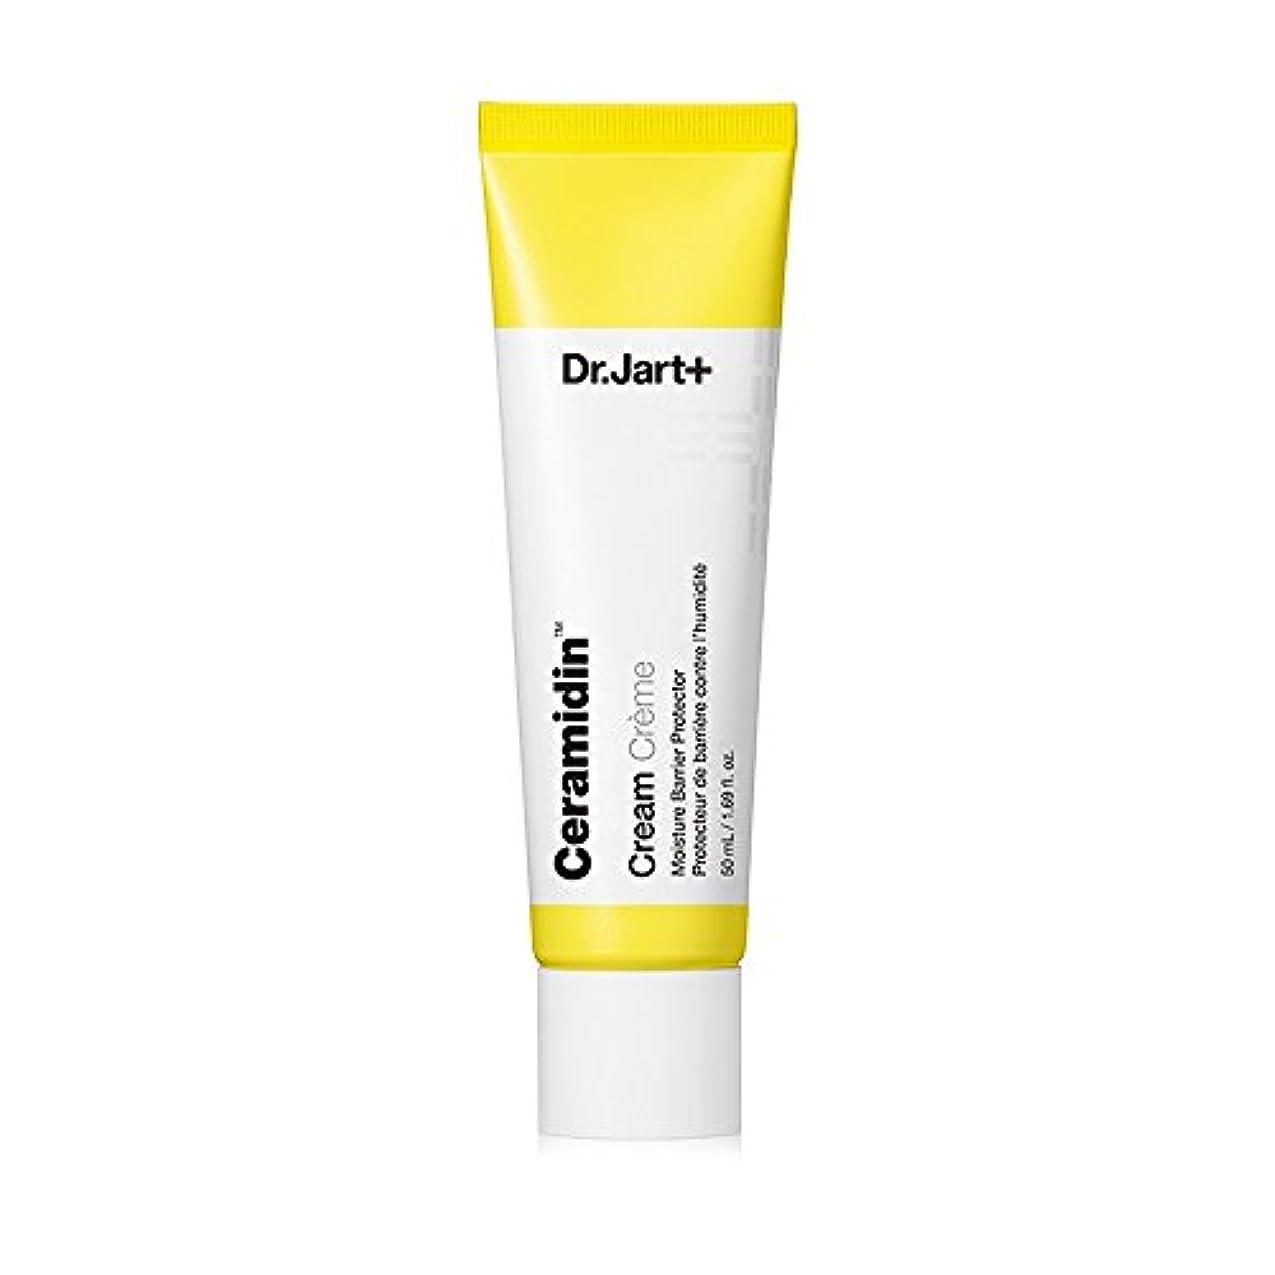 フィルタスペアトリッキー[Dr.jart + New Ceramidin Cream 50ml] ドクタージャルトニューセラミーディン クリーム50ml